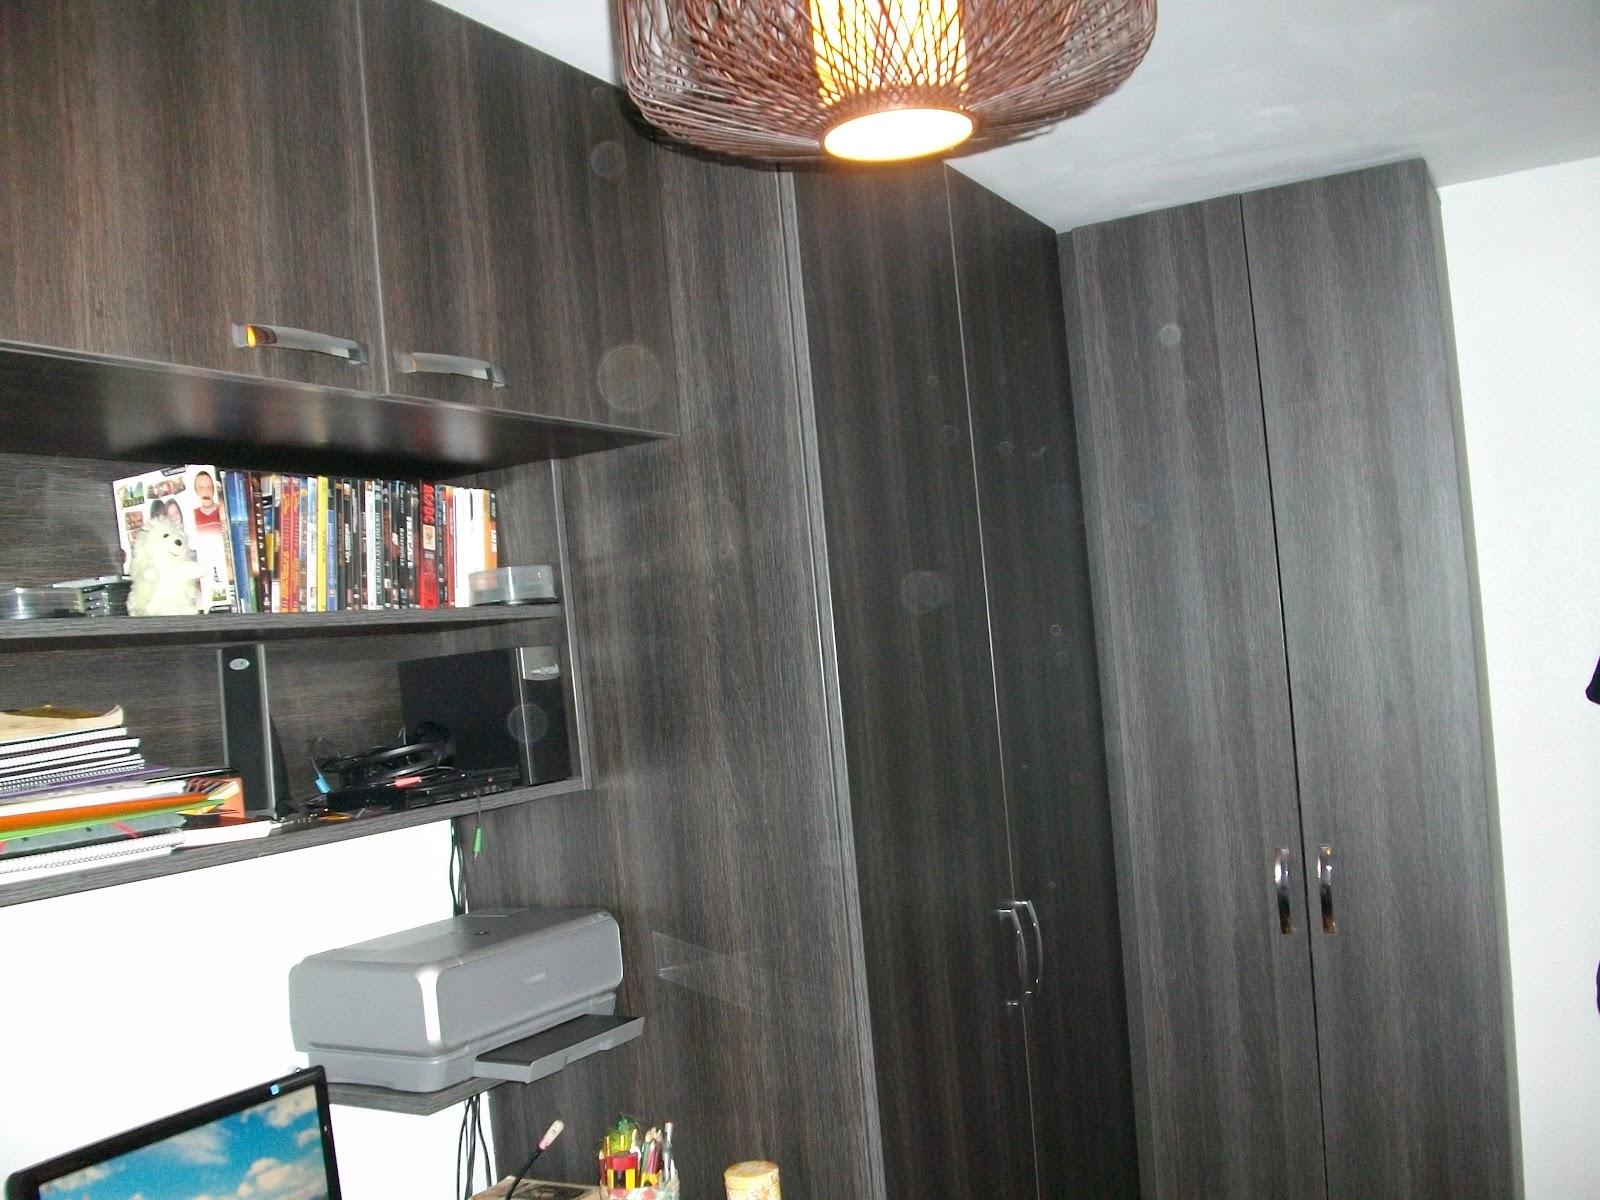 Andocarpinteando mobiliario de habitaci n a medida for Mobiliario de habitacion